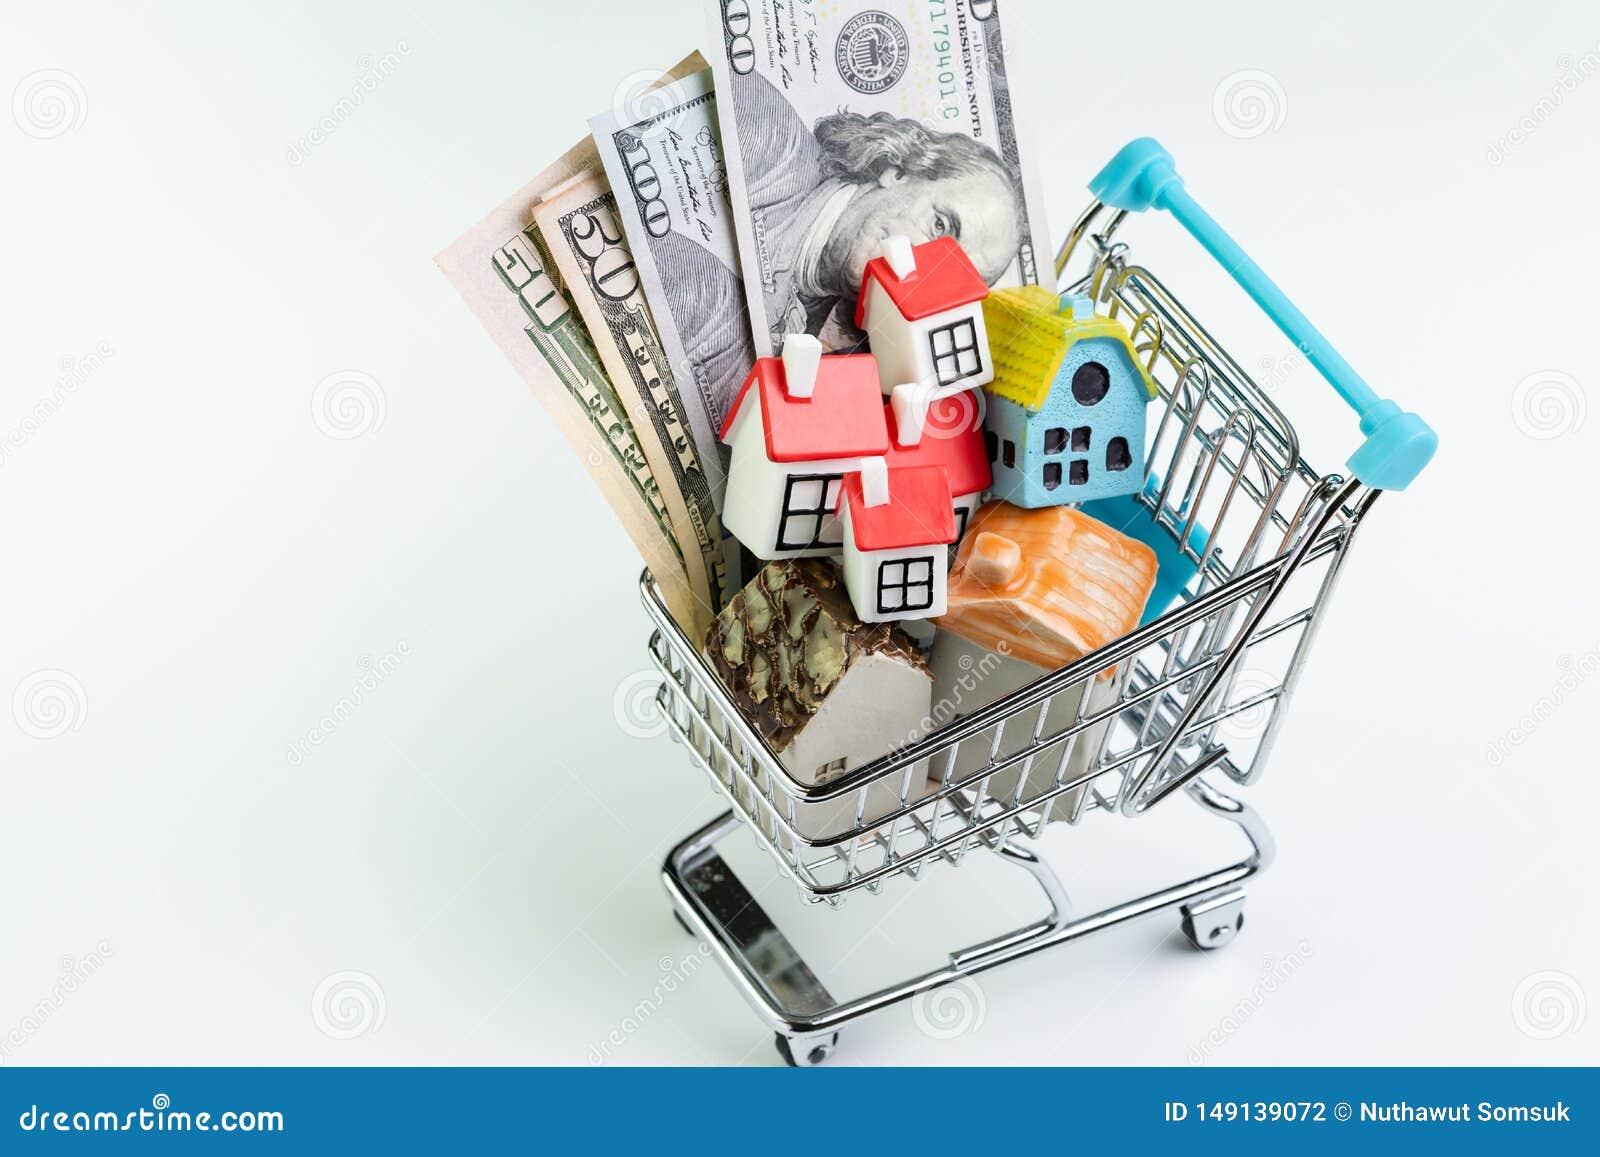 Köp- och försäljningshus, egenskapstillgång och efterfrågan eller fastighet som inhandlar begrepp, shoppingvagn eller spårvagn me